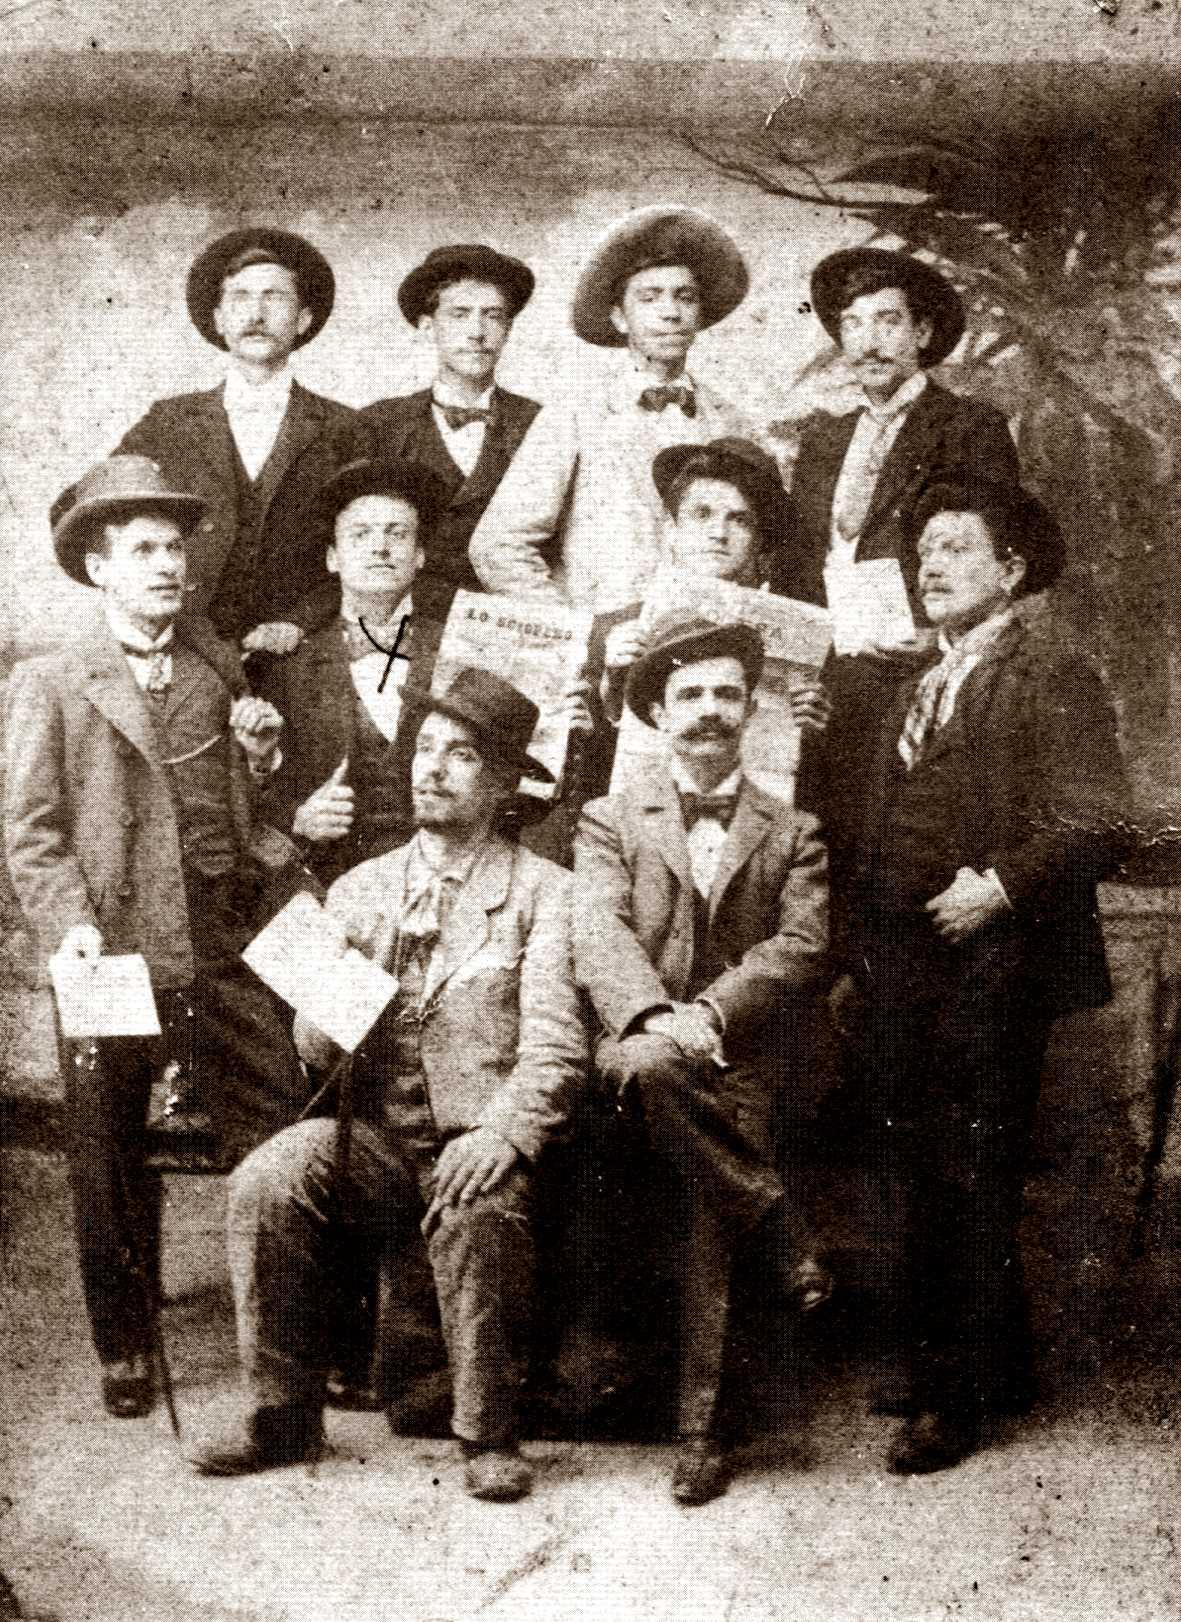 Vincenzo Castellari, en segona fila marcat amb una creu, amb altres companys